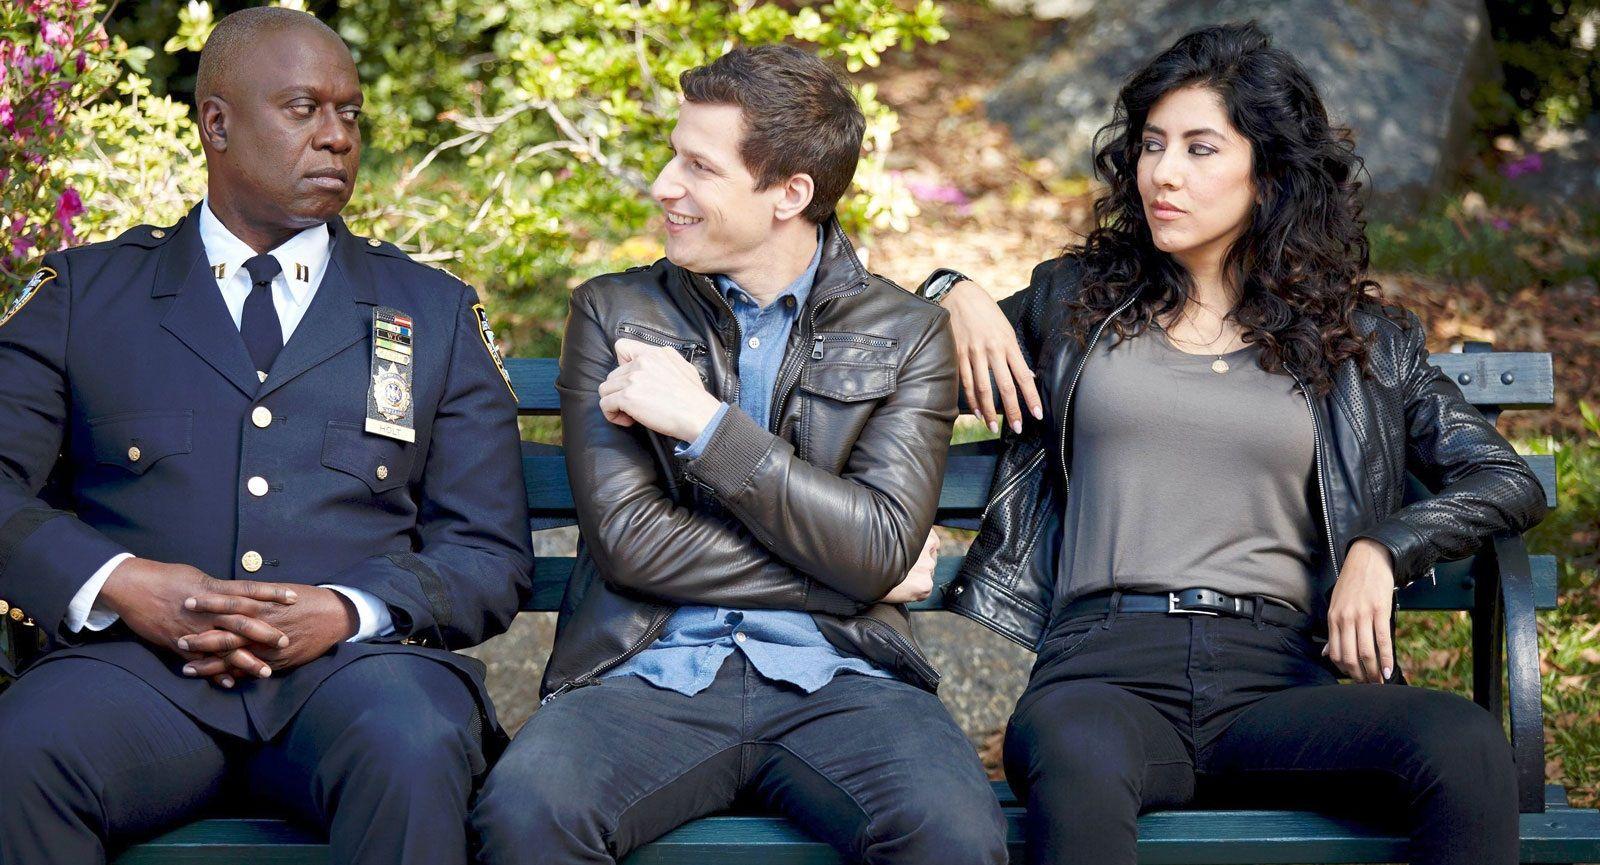 Pourquoi Brooklyn Nine-Nine est l'une des meilleures séries comiques des années 2010